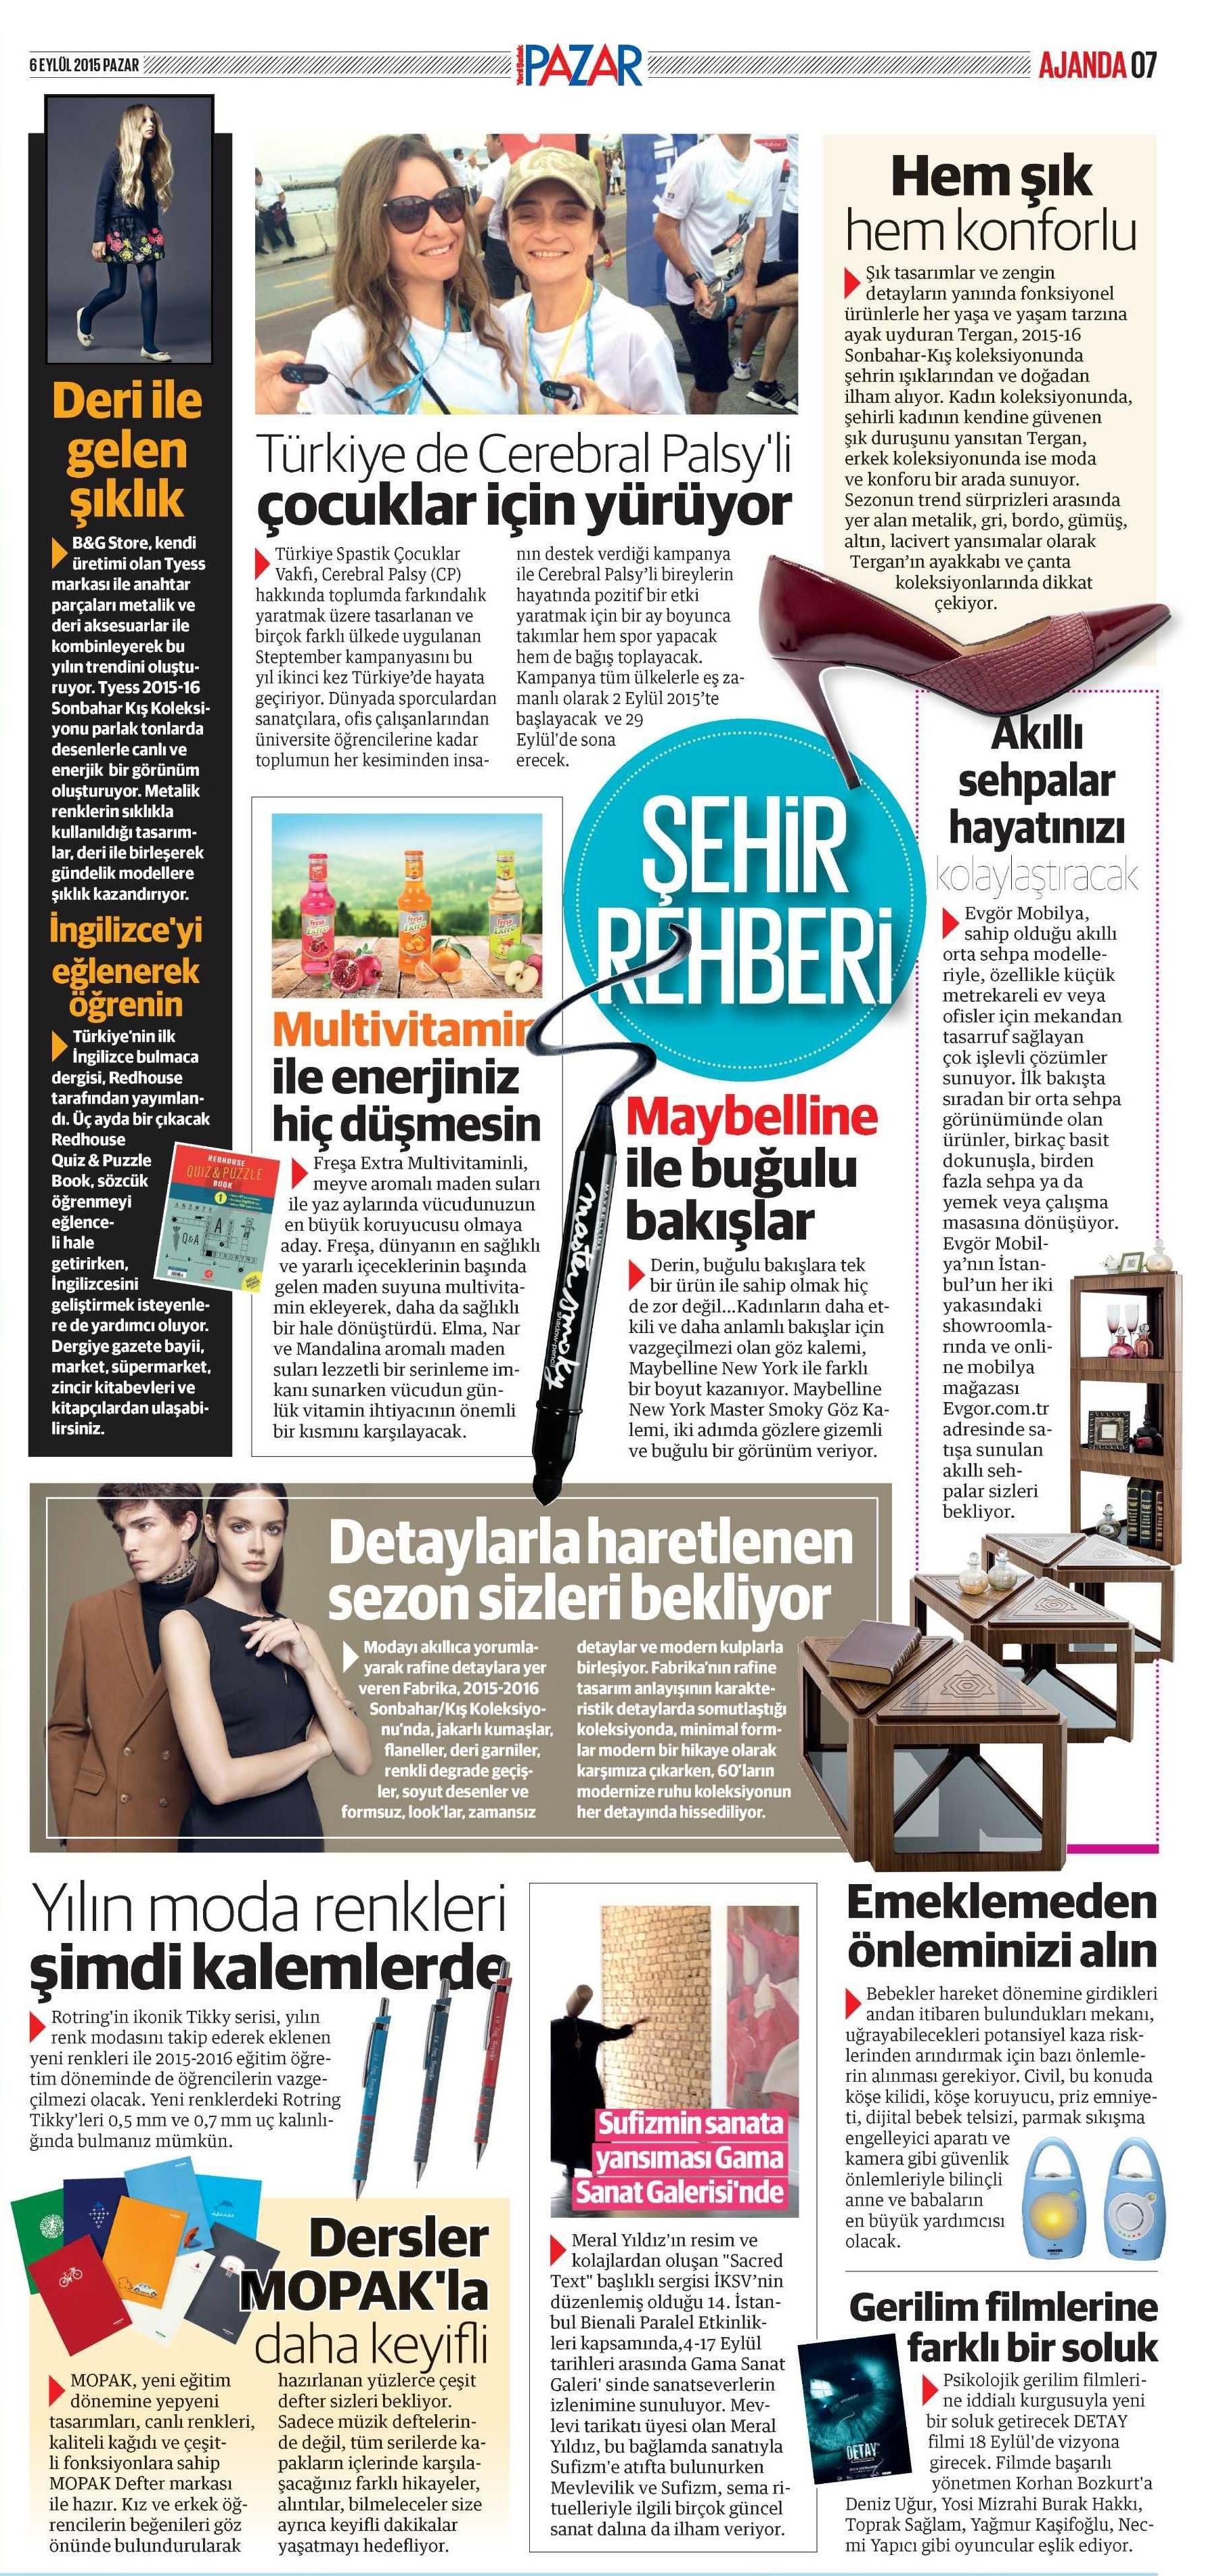 20150906_Yeni_Safak_Pazar_007